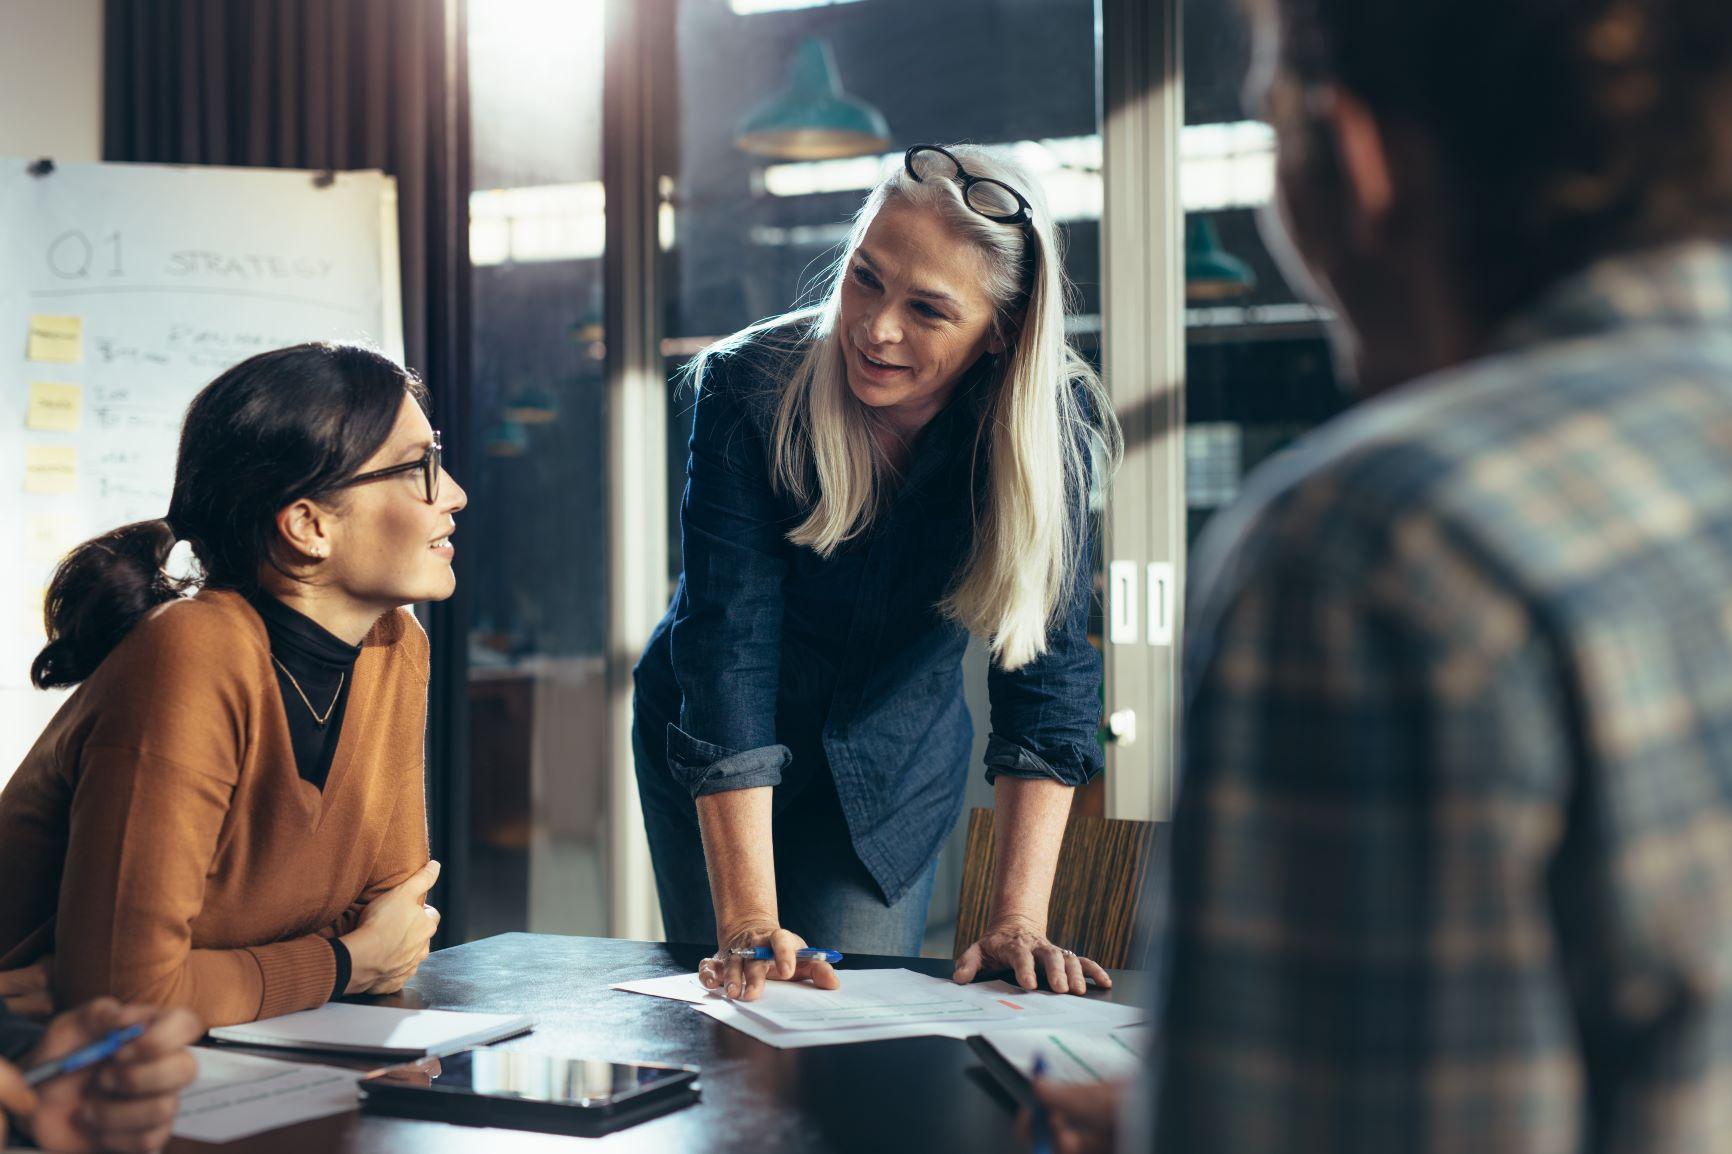 Teil 1 – Babyboomer trifft Generation Z  – Generationenmanagement im Unternehmen